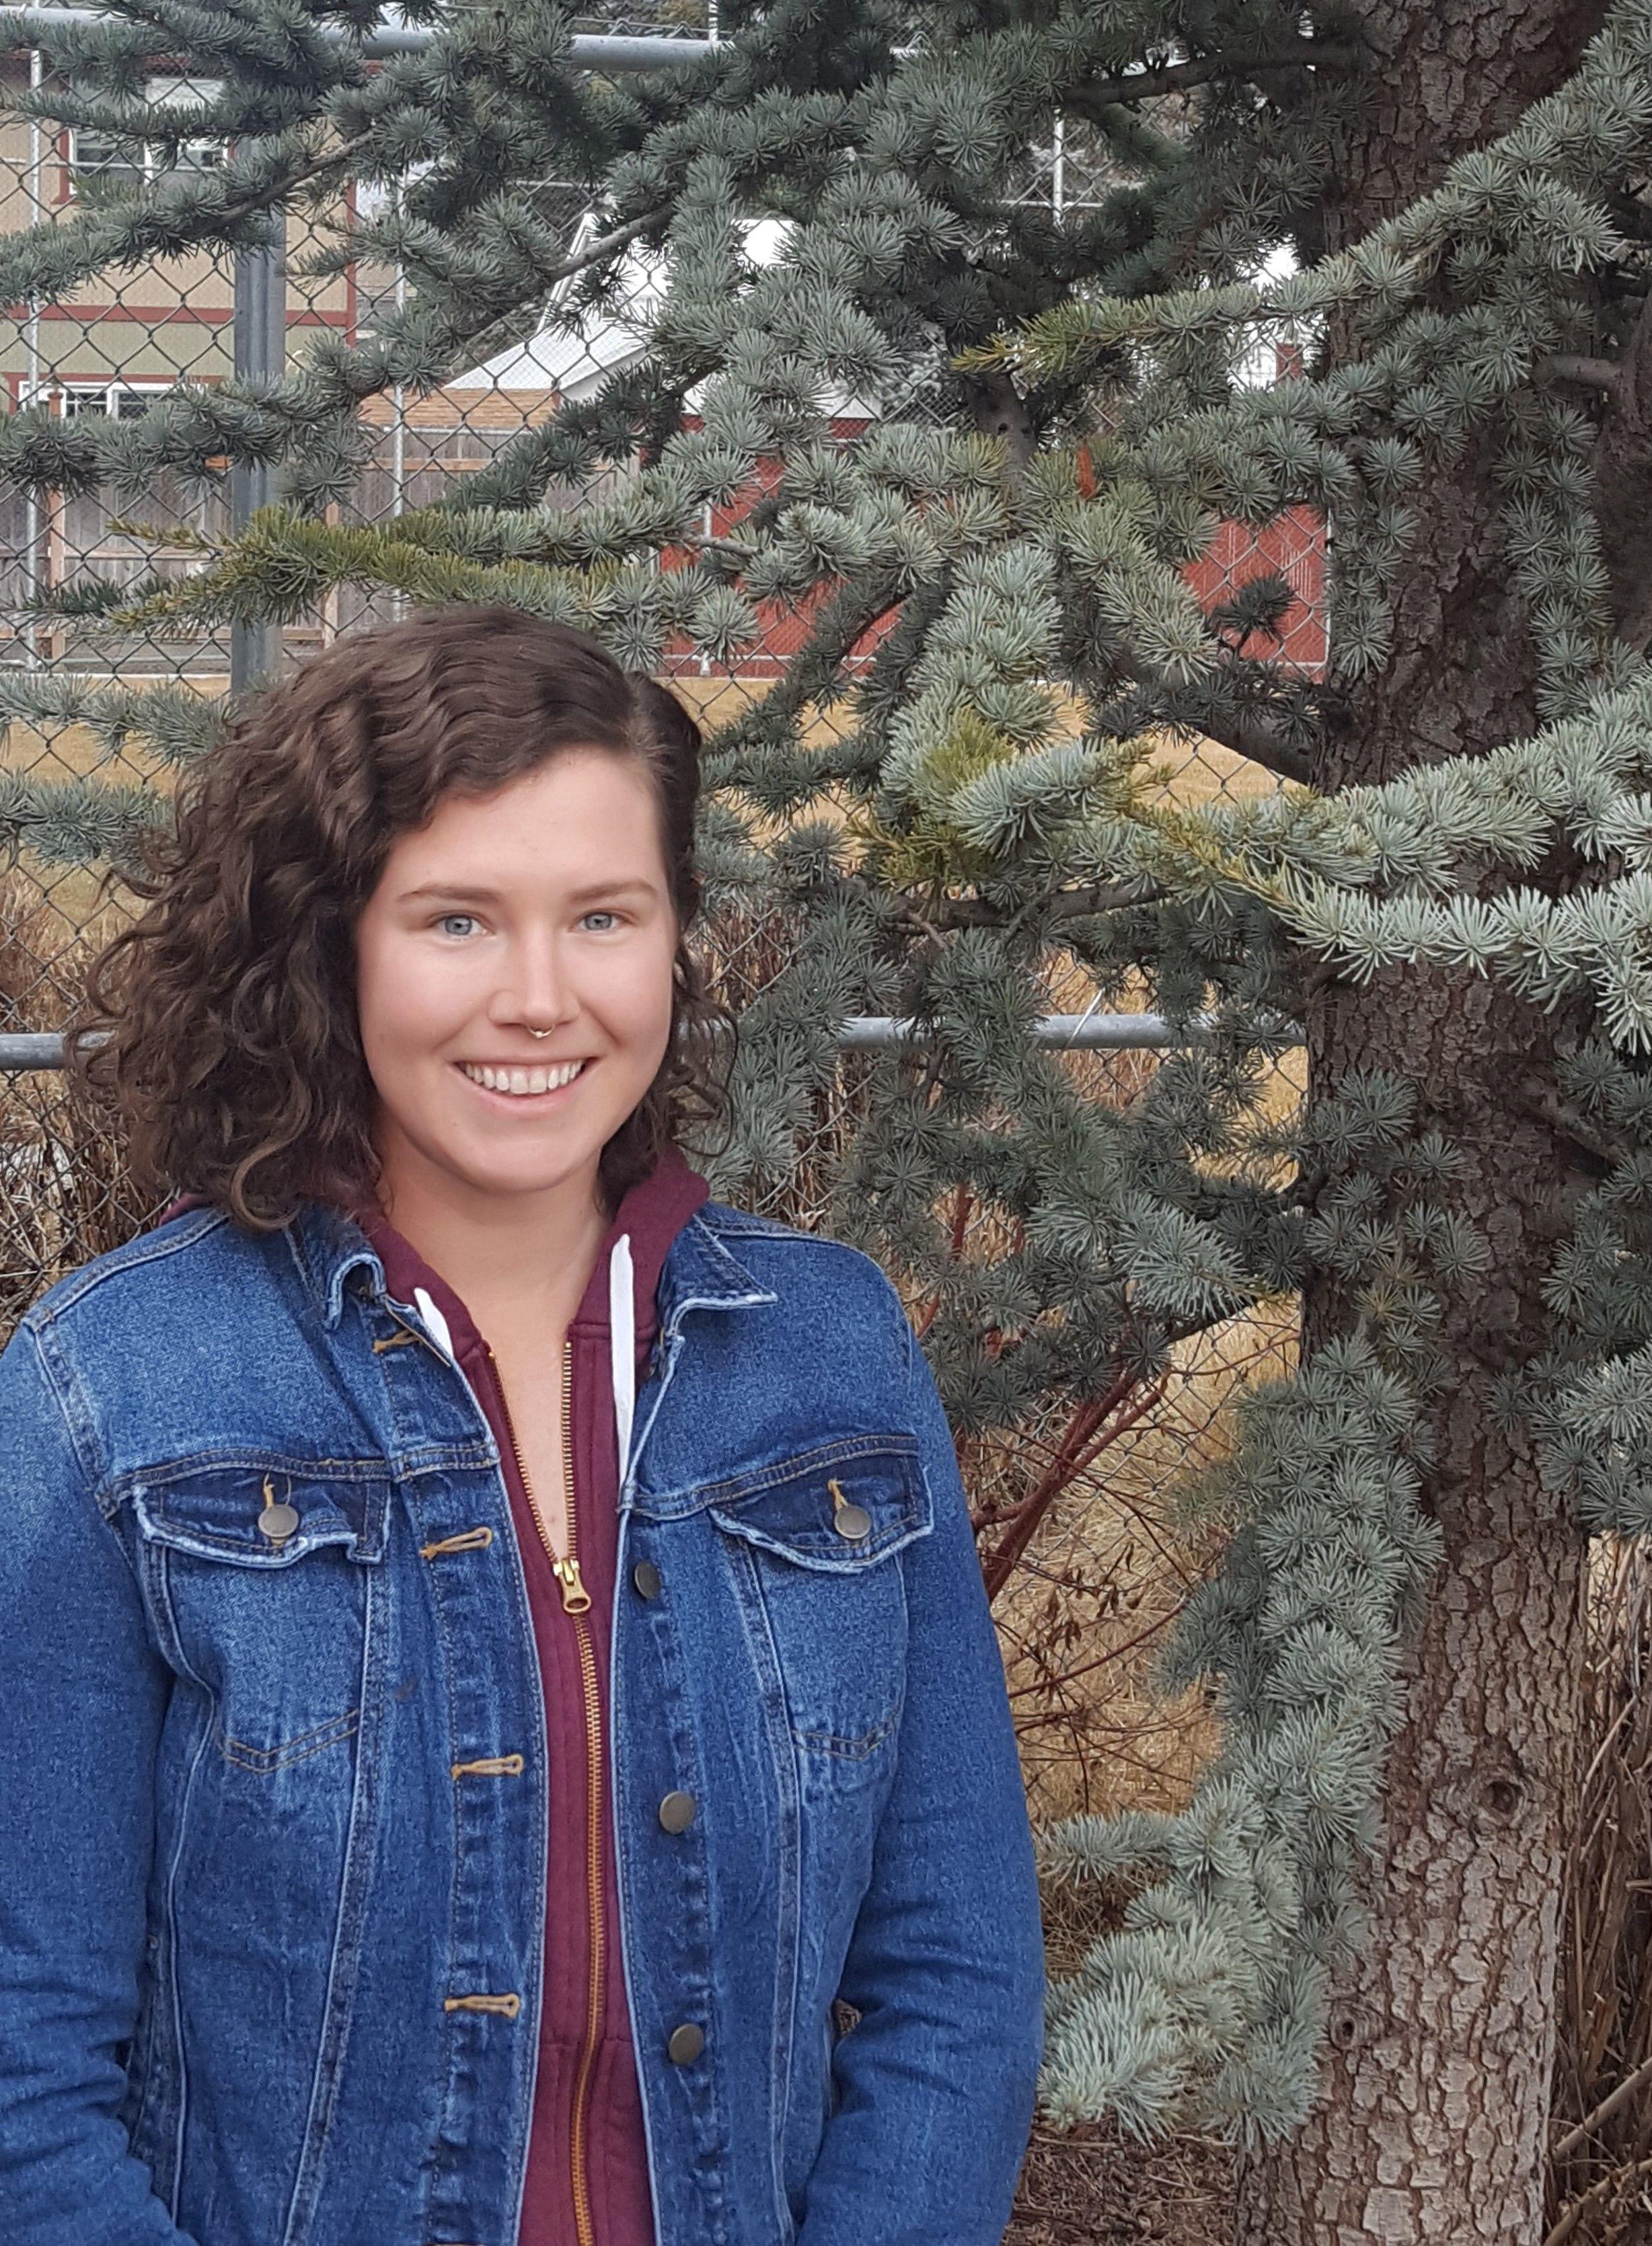 Allison Hinkle